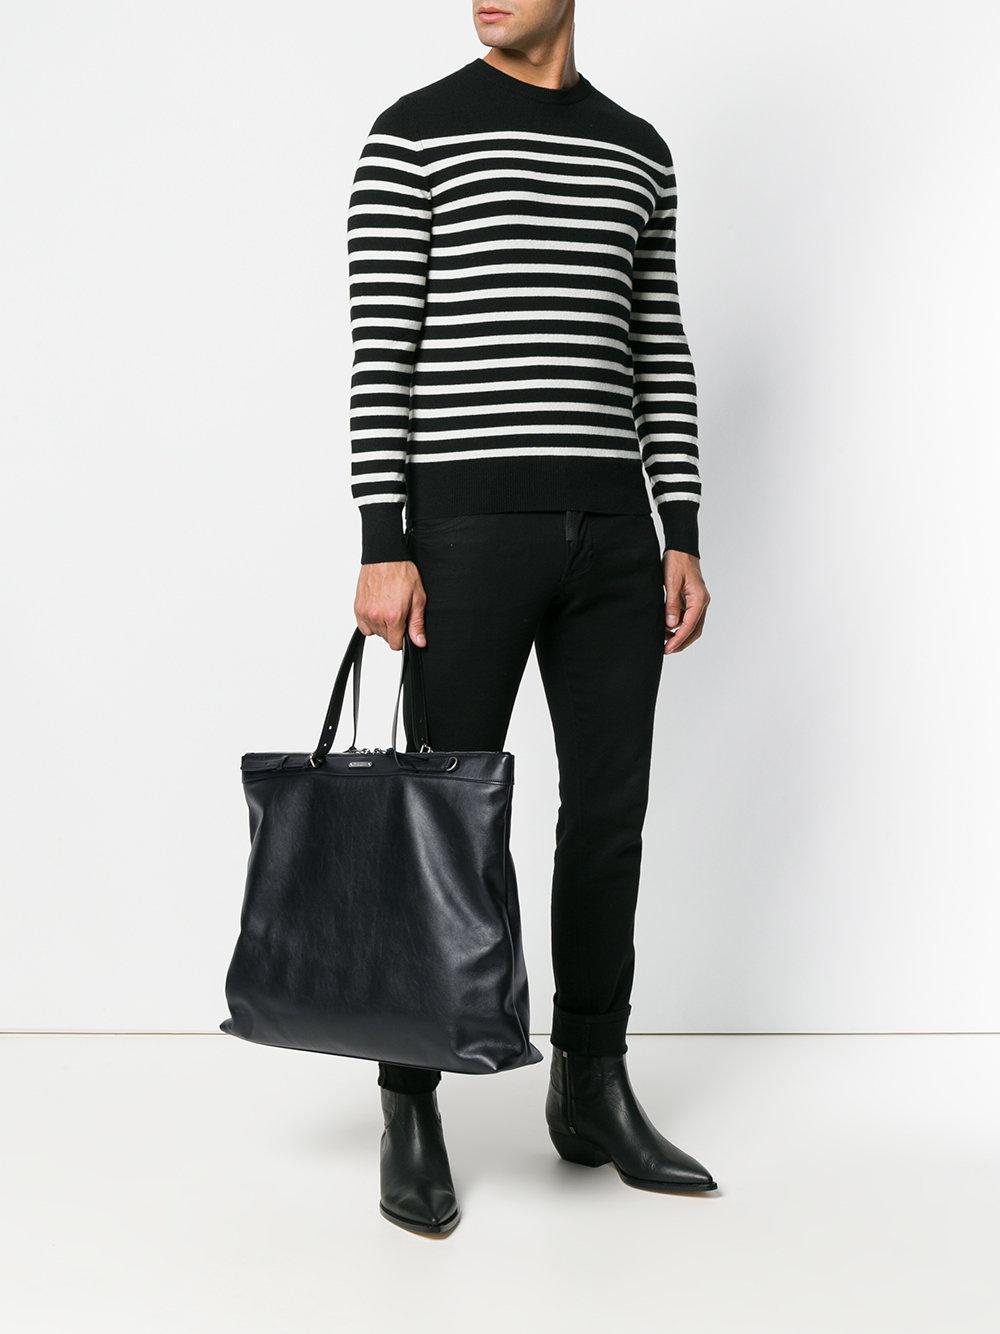 Lyst - Sac cabas ID Saint Laurent pour homme en coloris Noir 027bf981294